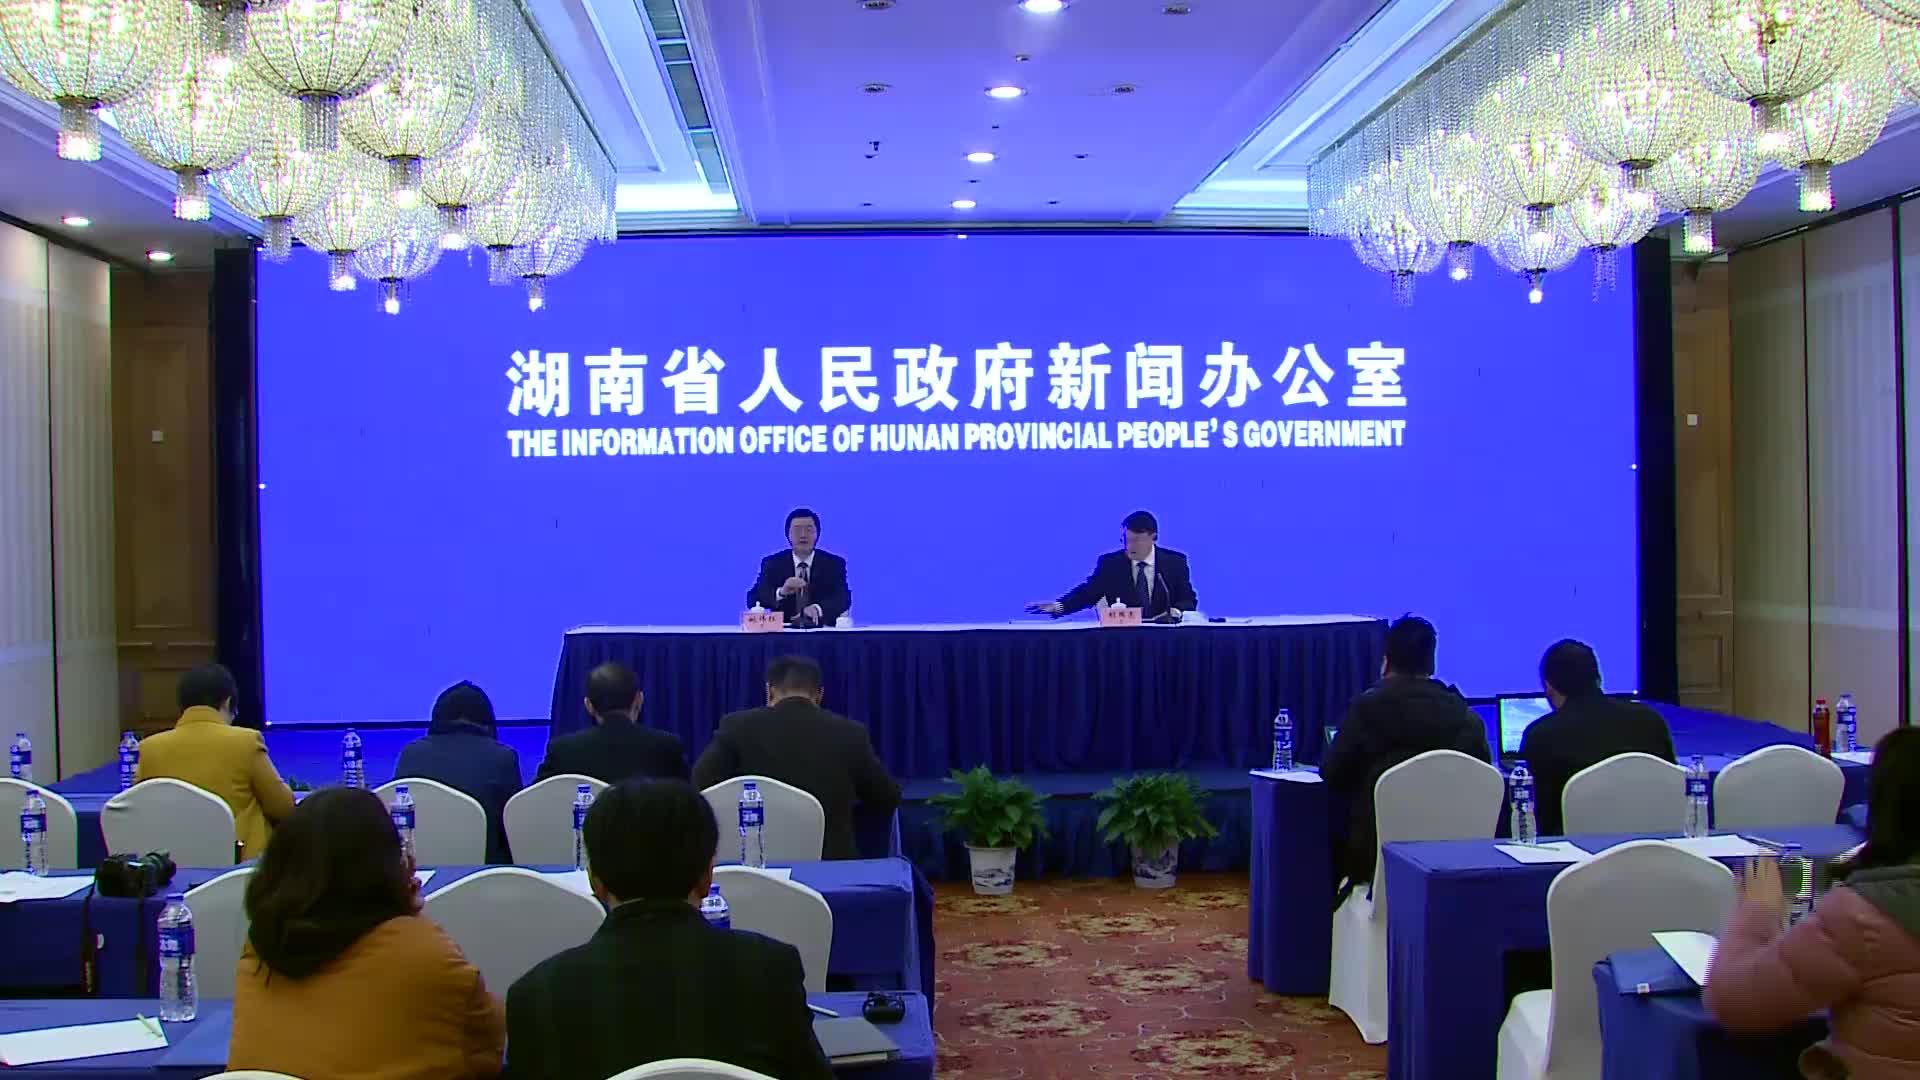 【全程回放】2018年湖南民生调查数据新闻发布会